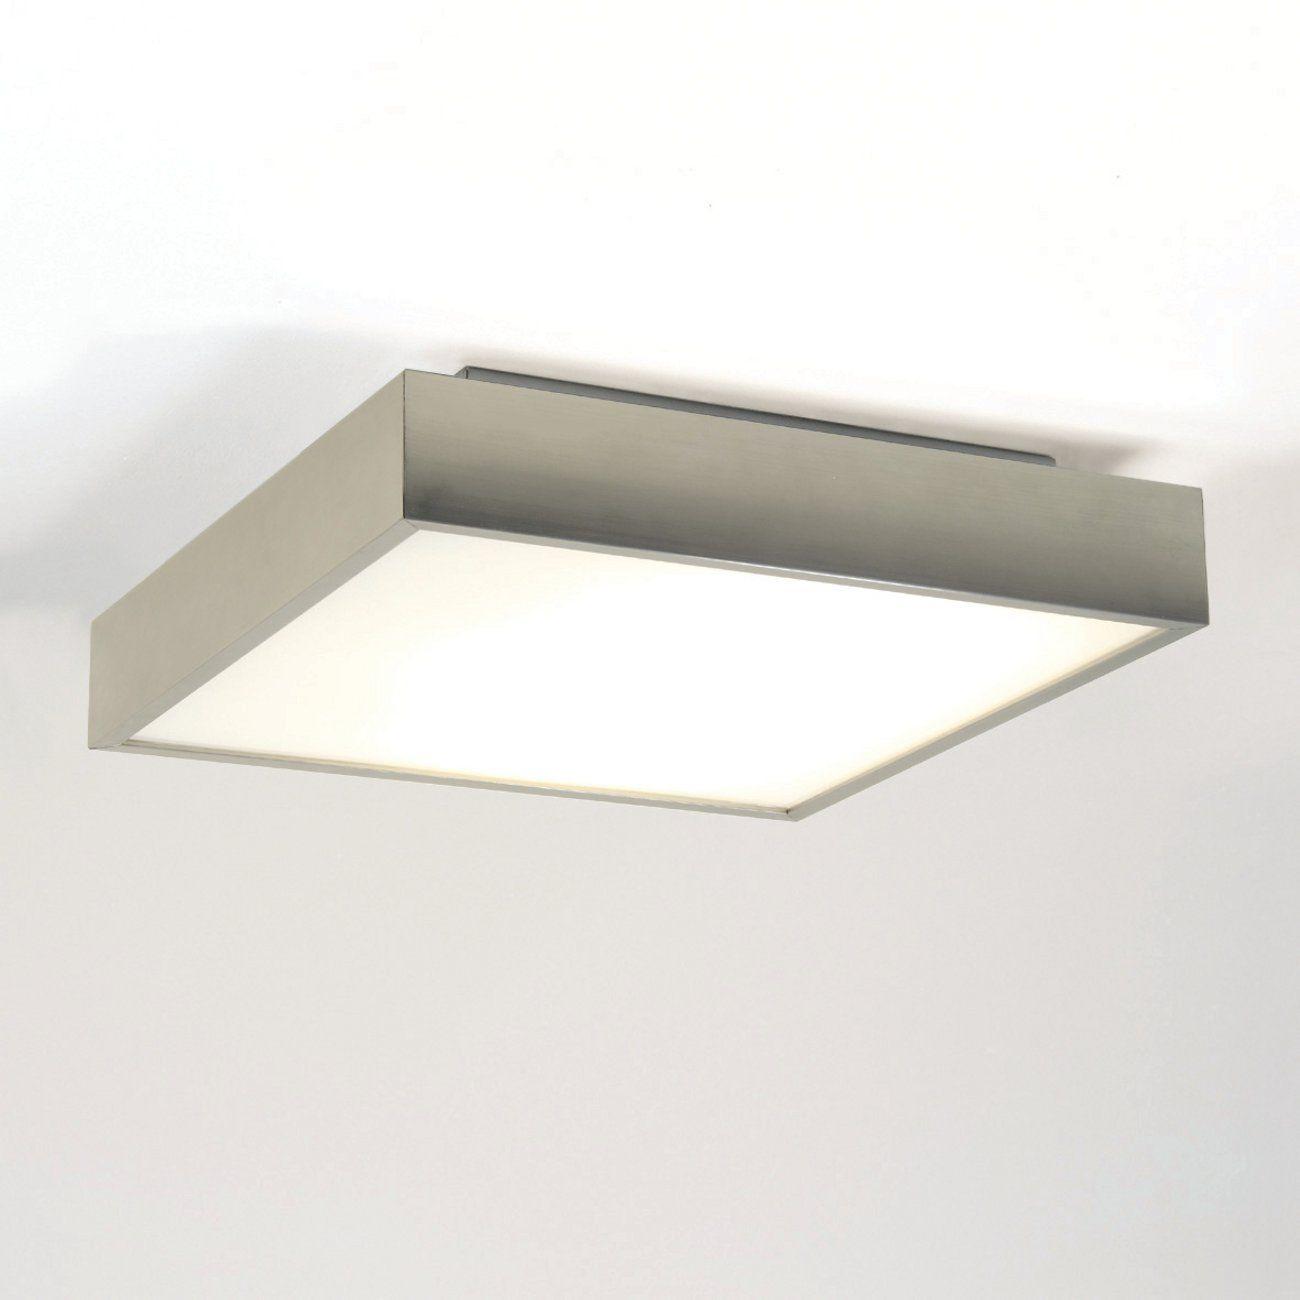 Full Size of Deckenlampe Bad Deckenleuchte Led Ip44 Obi Badezimmer Design Amazon Dimmbar Bauhaus Ikea Ip Eckig Badleuchte Wandleuchte Taketa Chrom Poliert Lampen Wimpfen Wohnzimmer Deckenlampe Bad